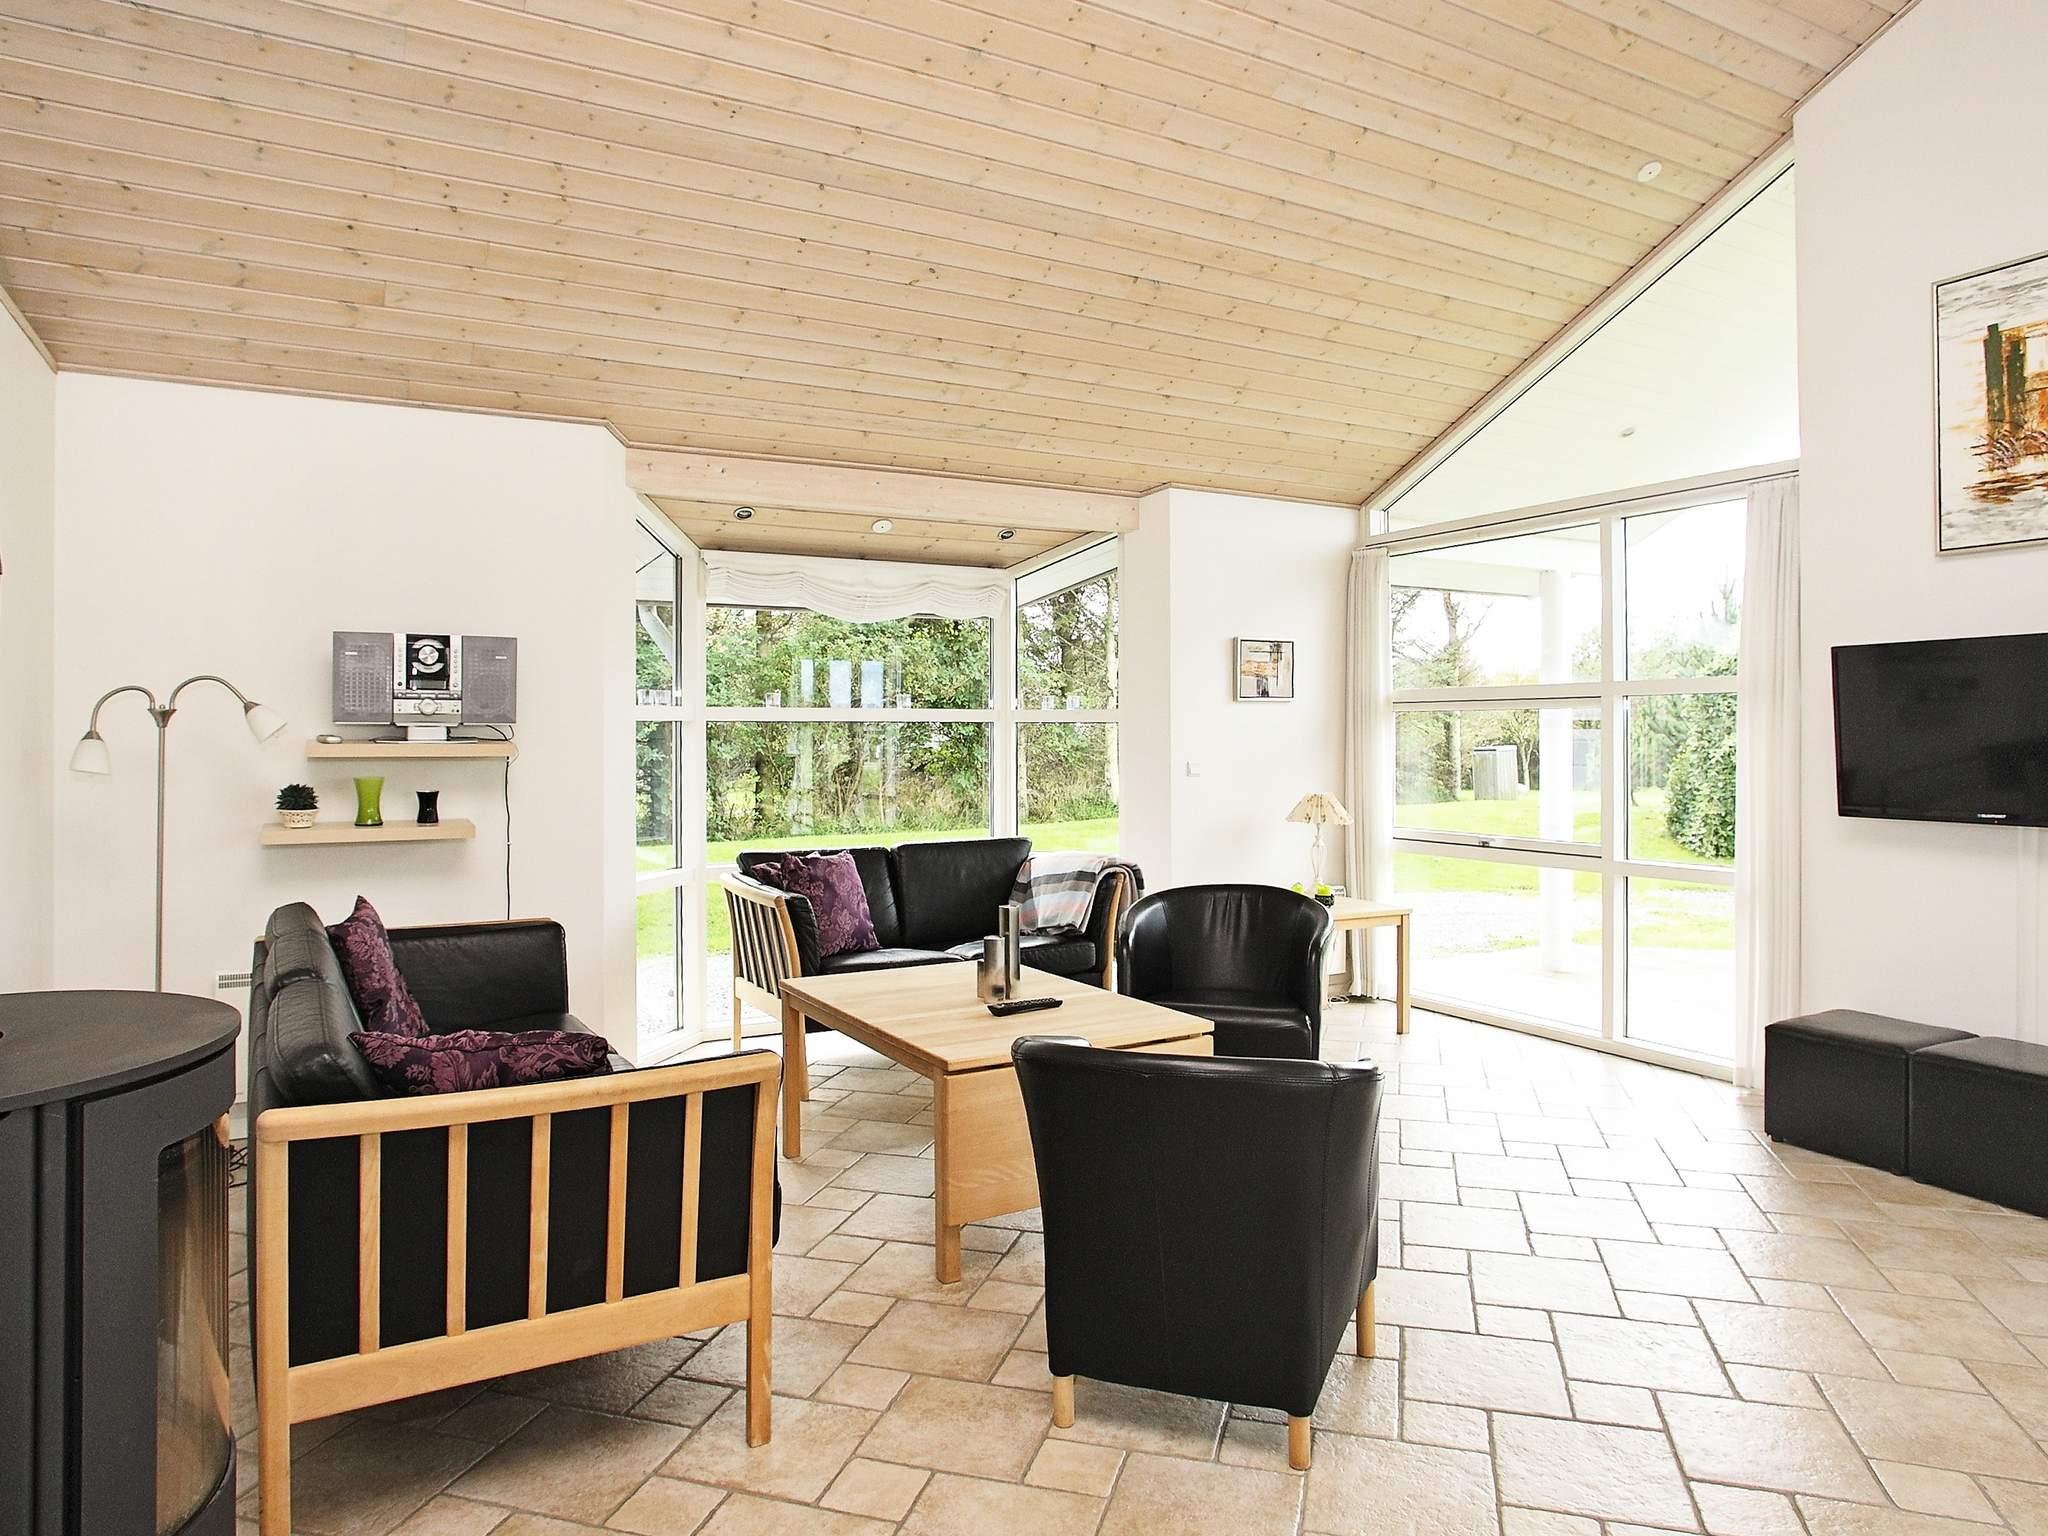 Ferienhaus Lønstrup (83300), Lønstrup, , Nordwestjütland, Dänemark, Bild 2